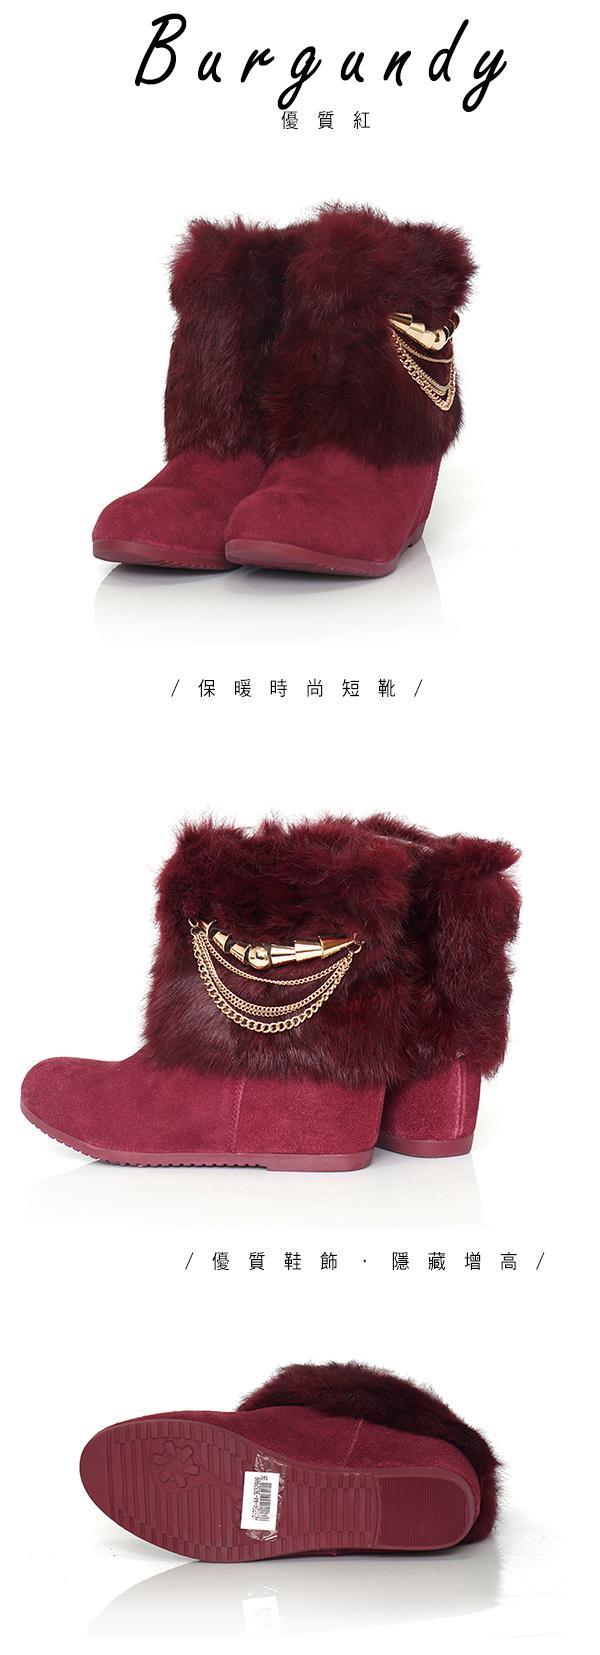 短靴,O'vimi,保暖時尚短靴,隱藏增高,腿部線條,直線而上,優質紅,專櫃品牌鞋,百貨專櫃鞋。